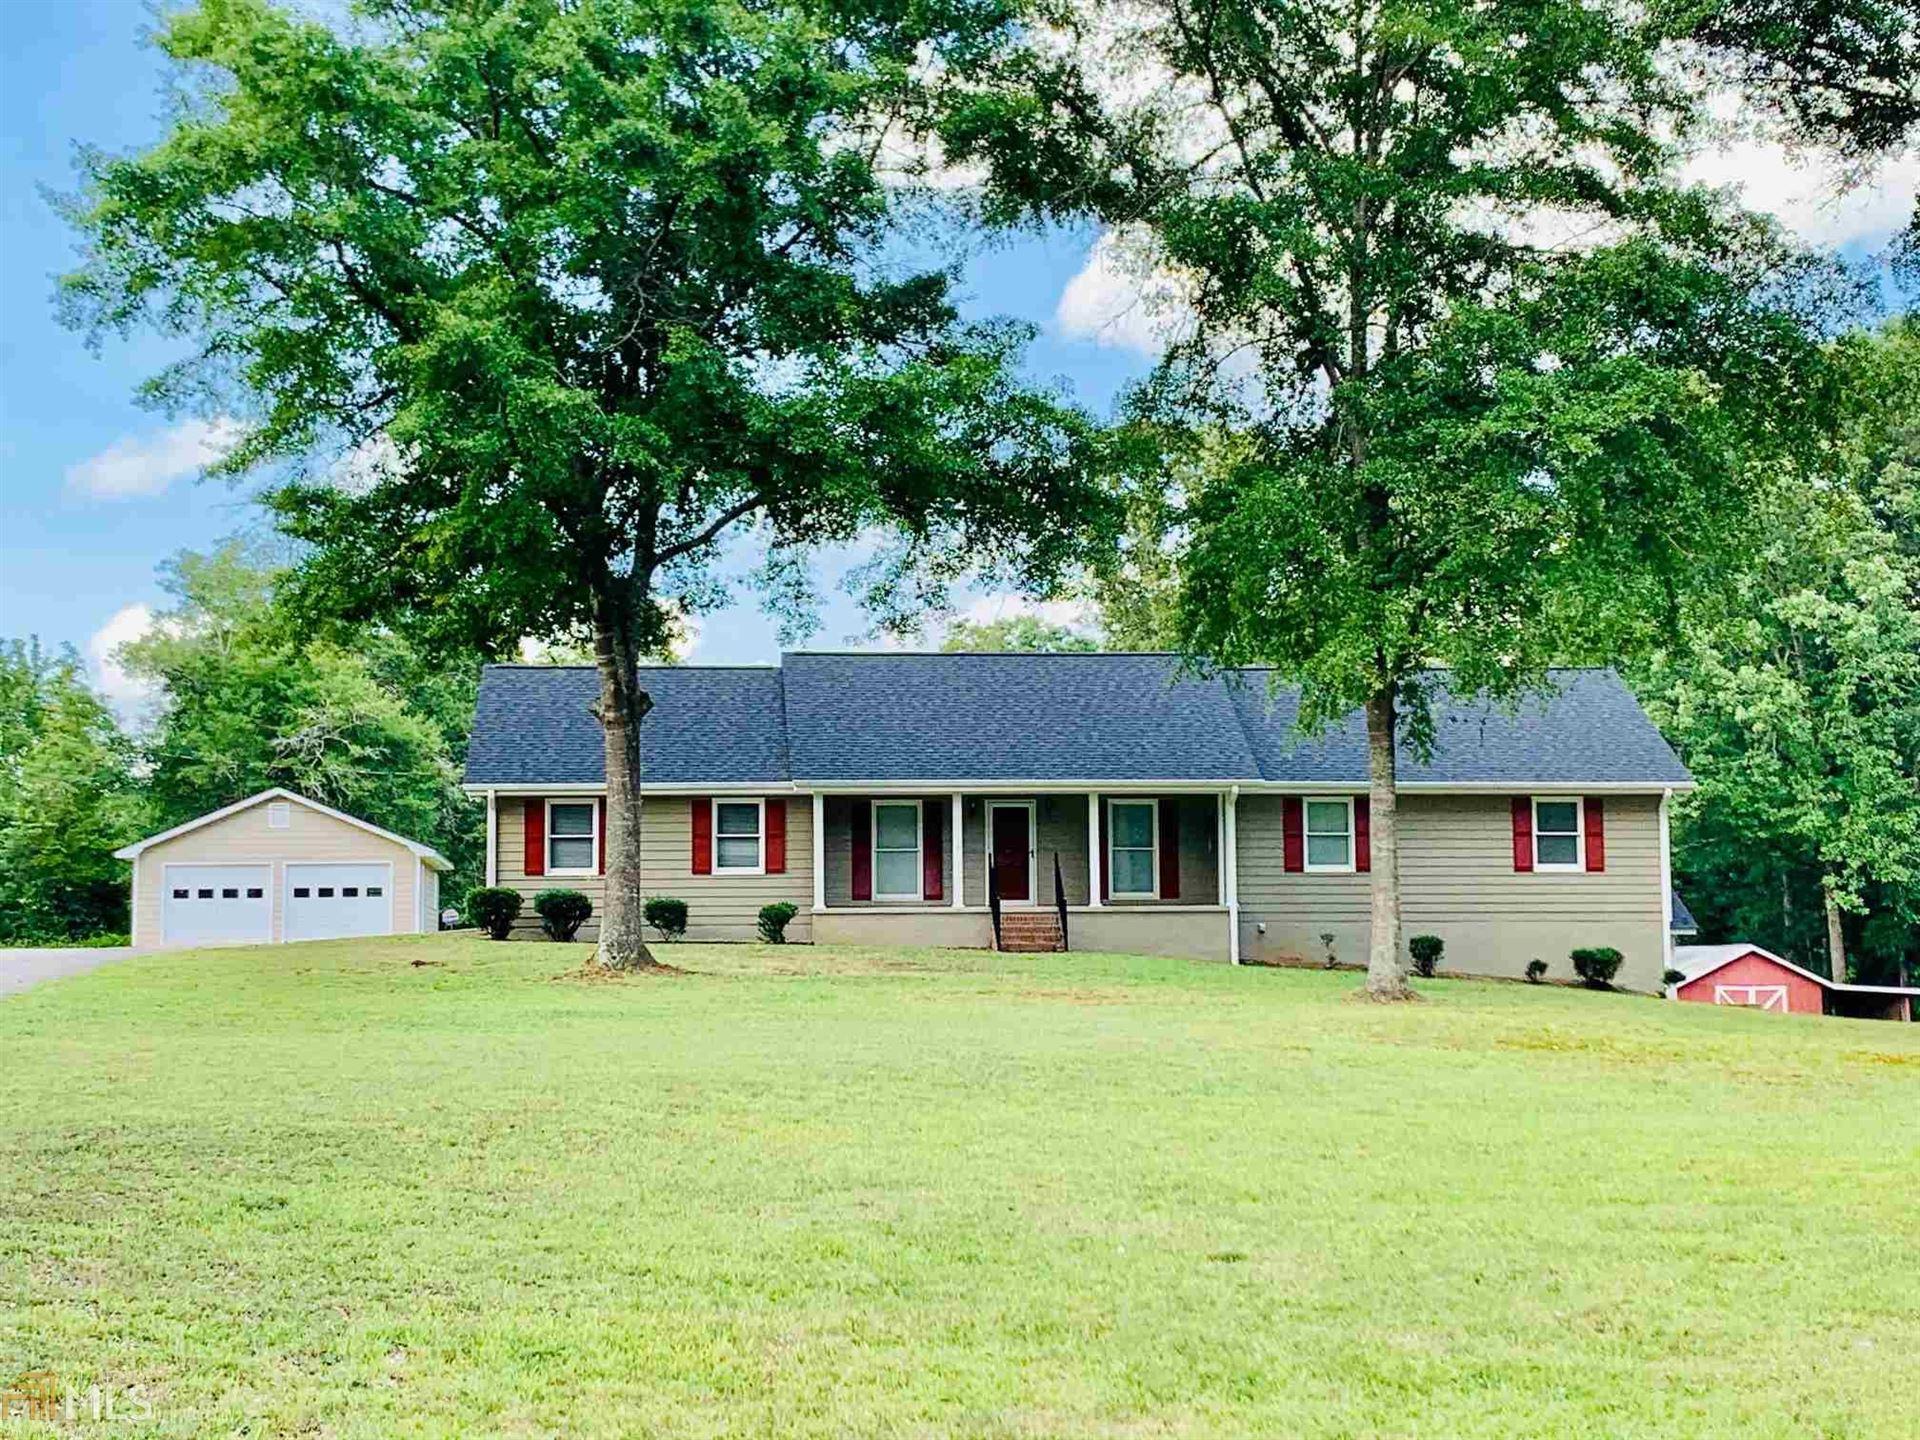 3301 Etchison Rd, Loganville, GA 30052 - #: 8750326